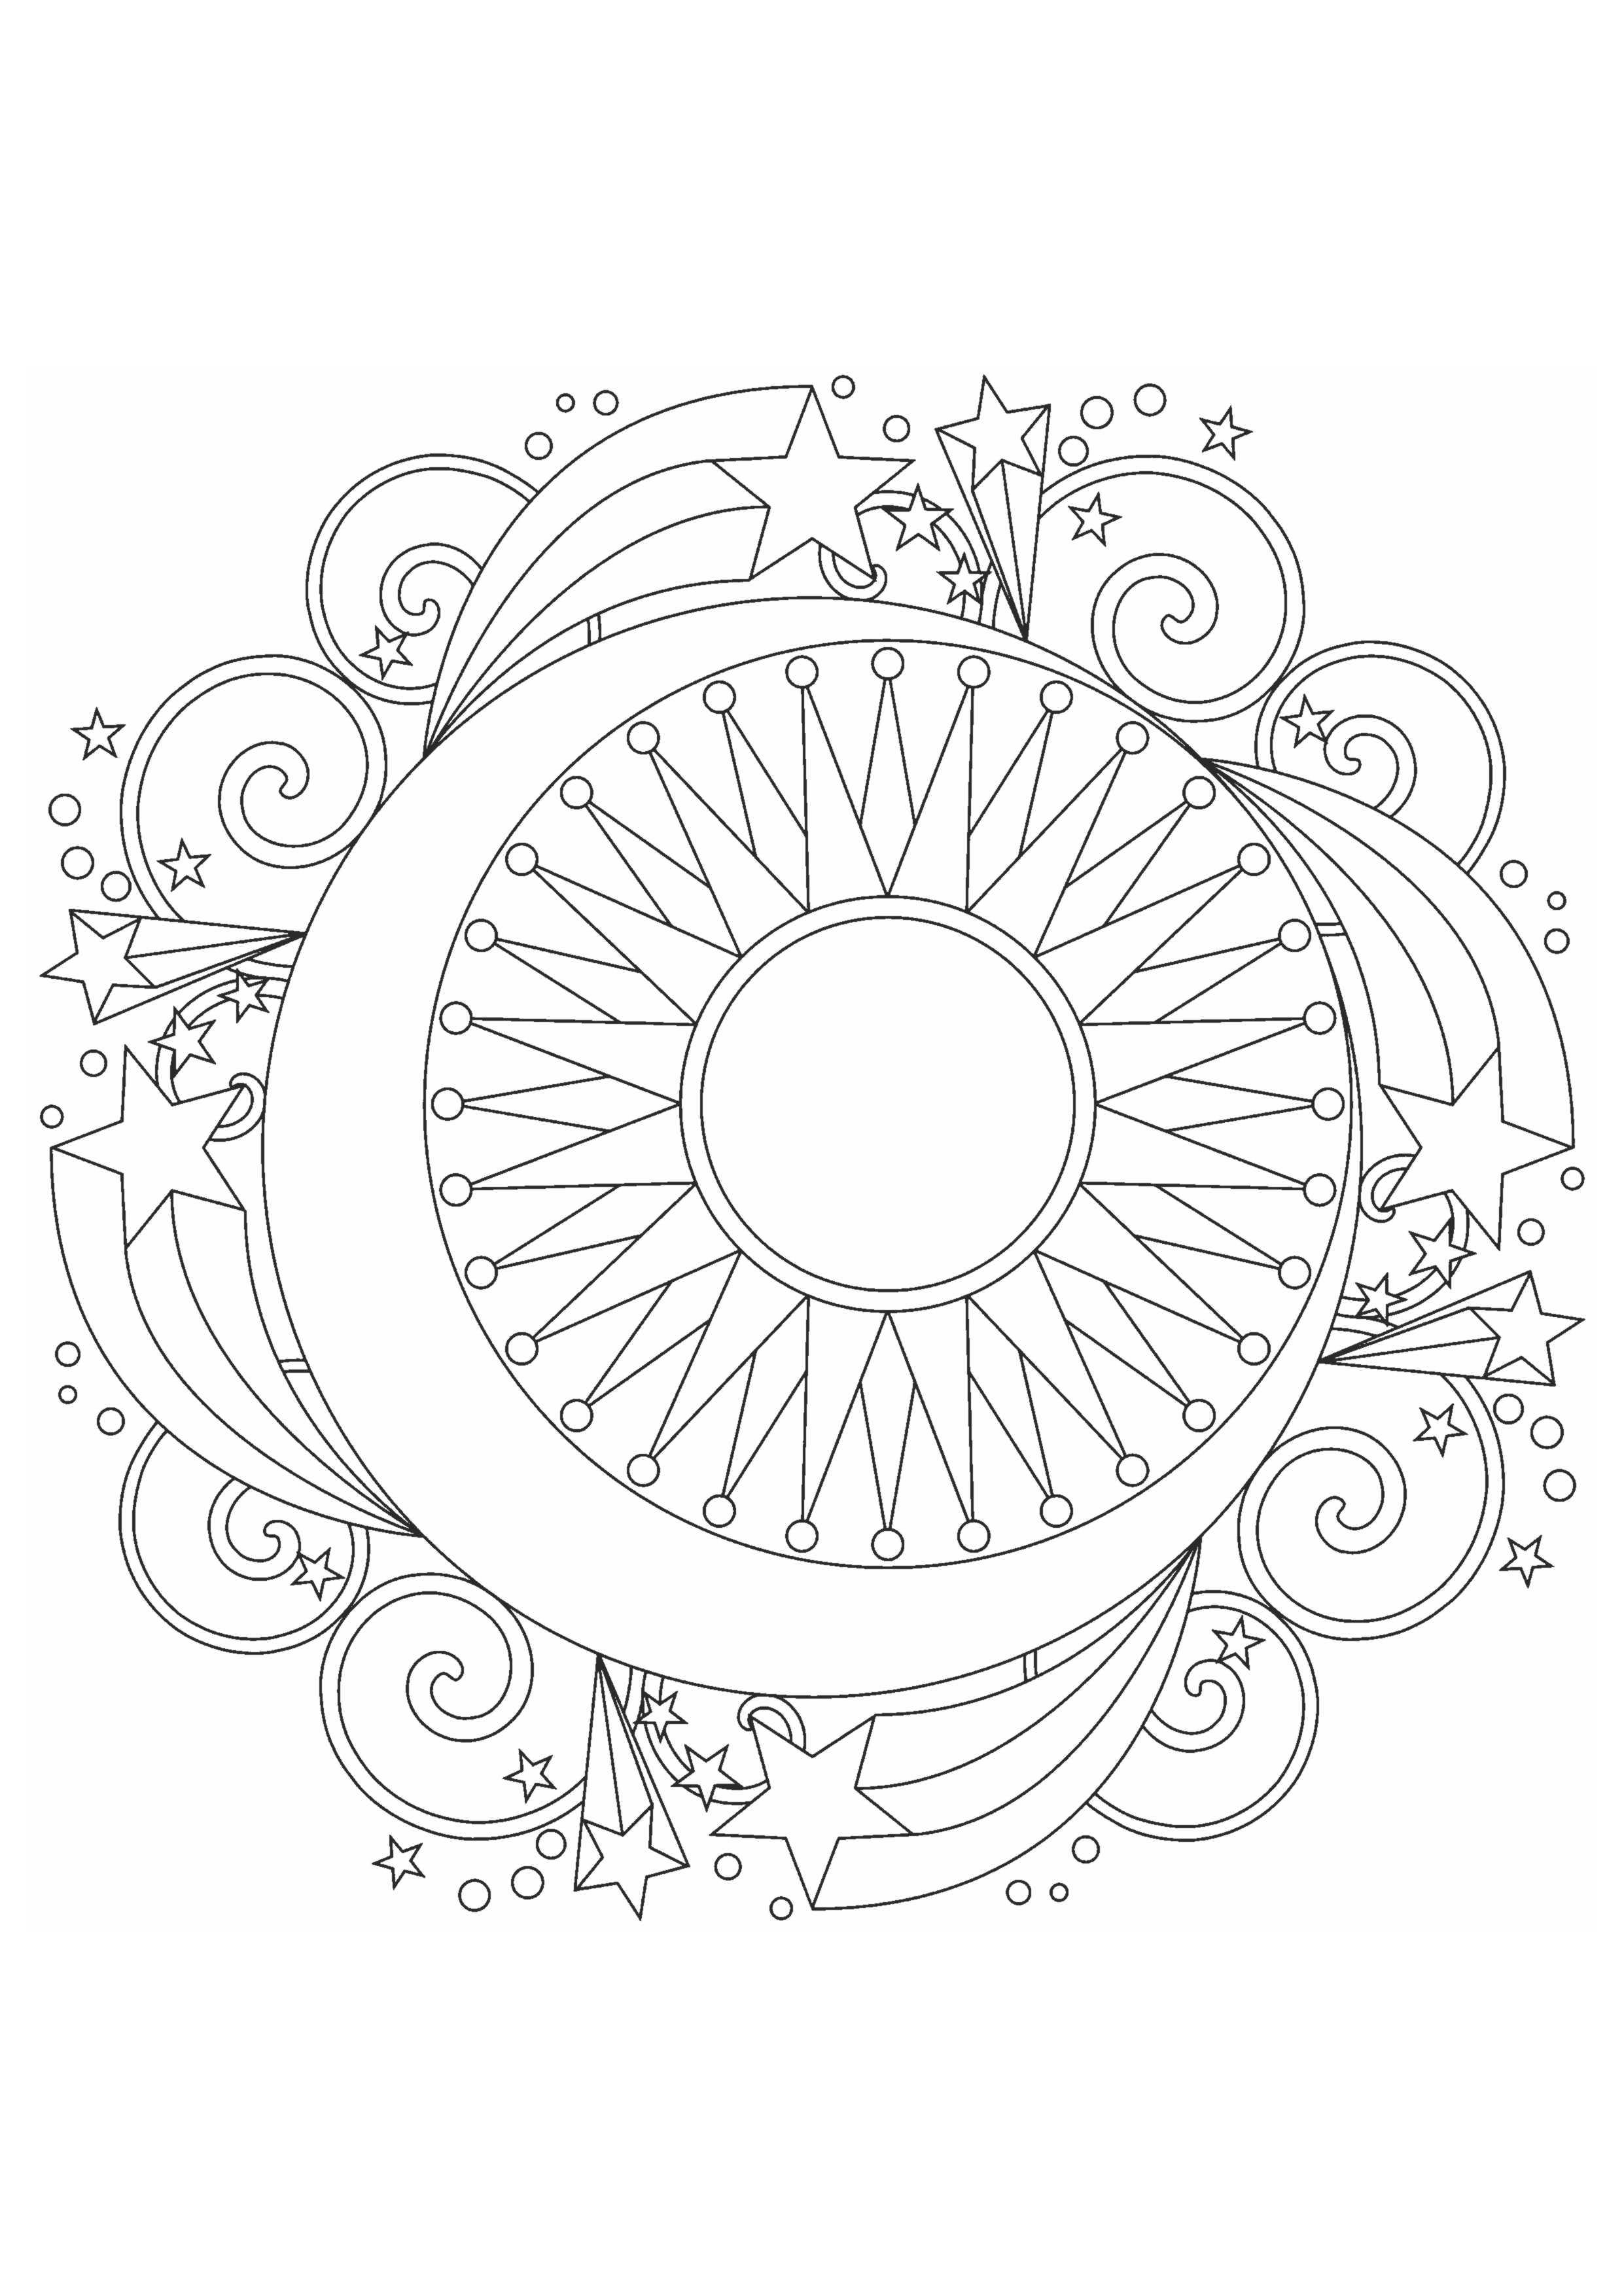 Раскраска - узоры в круге - Раскраски А4 формата для ...